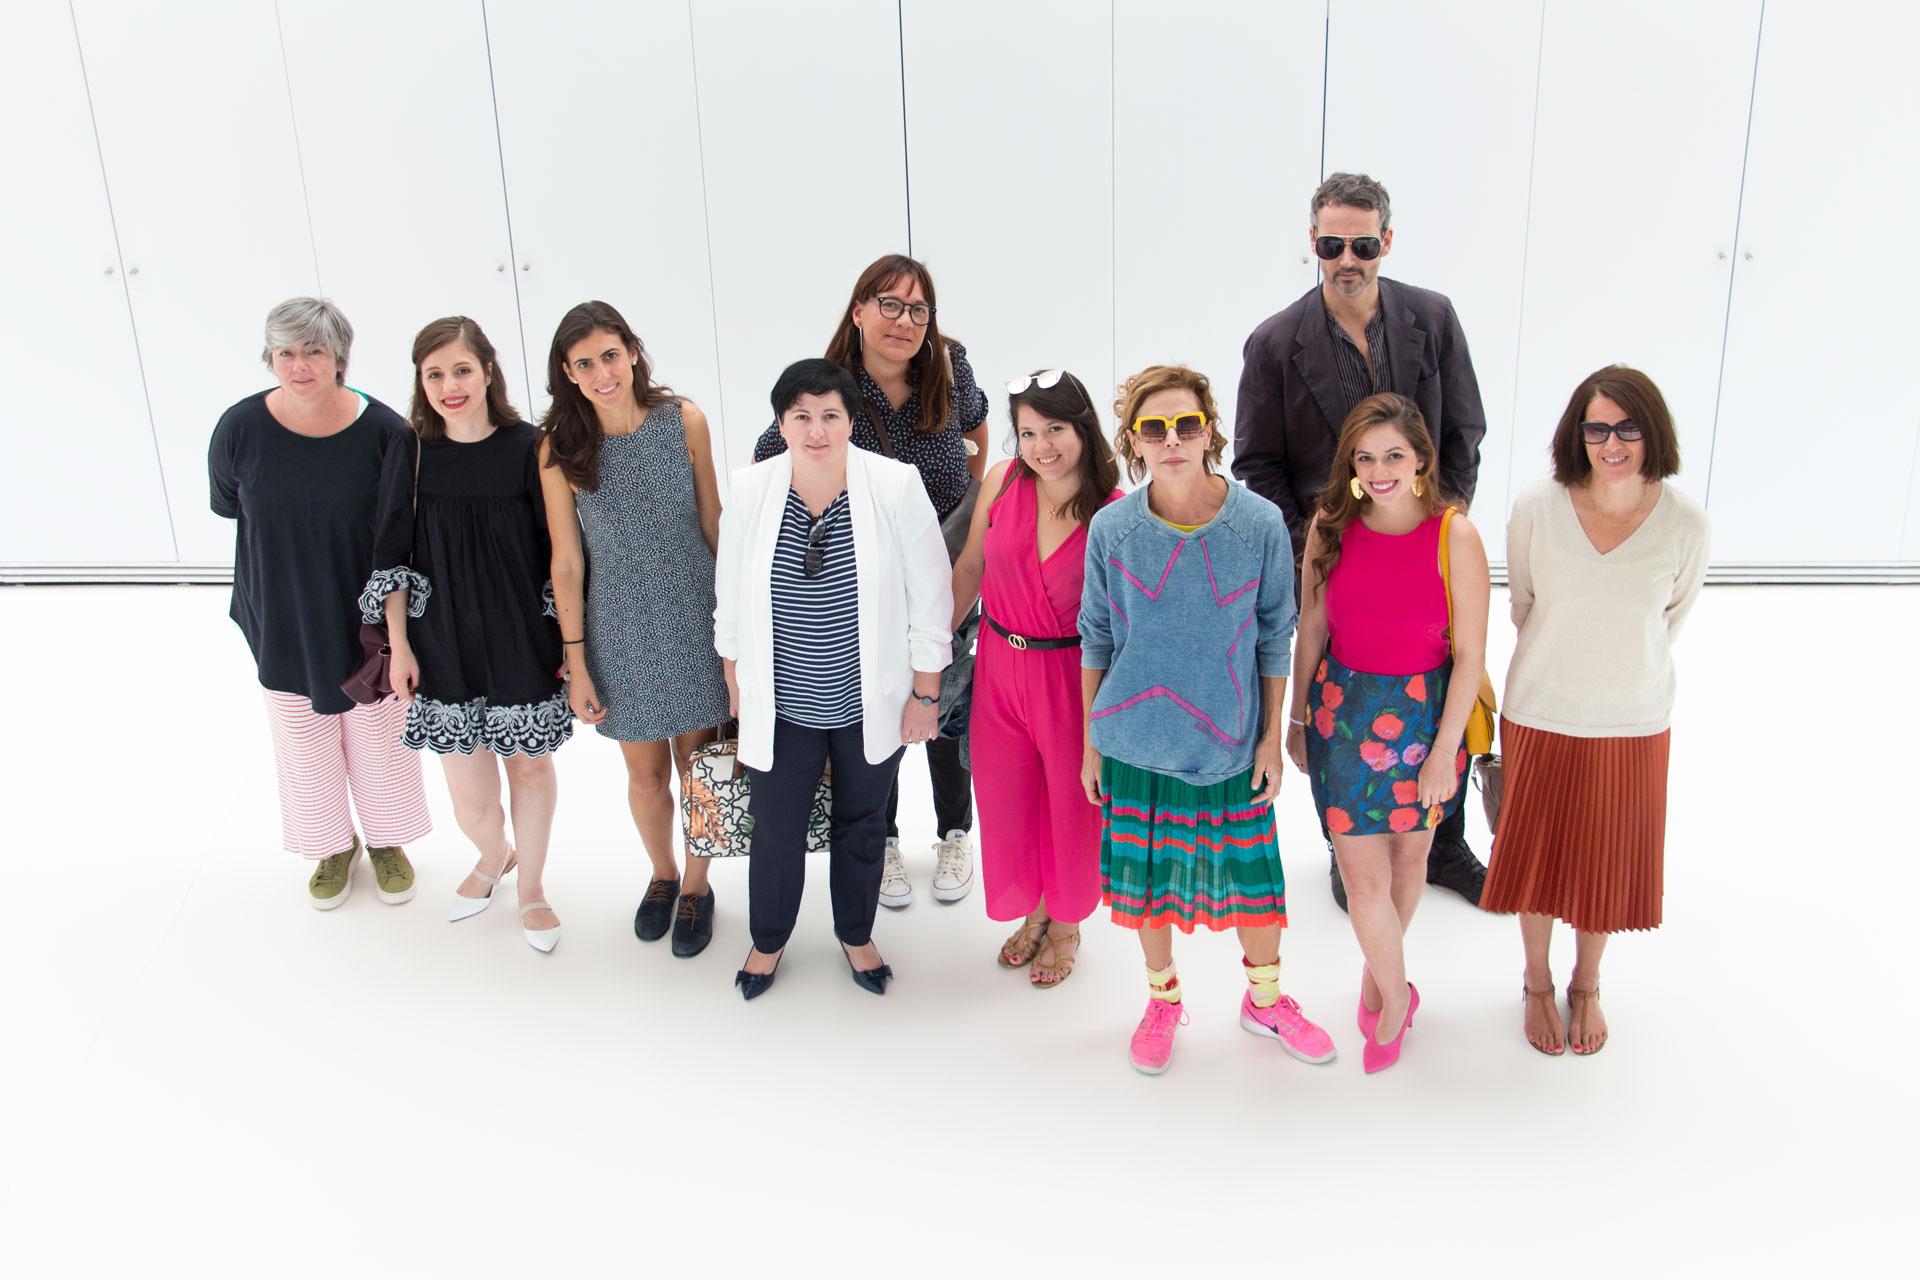 visita-agatha-ruiz-prada-1 Experiencias en IMF Business School: Una mañana con Agatha Ruiz de la Prada